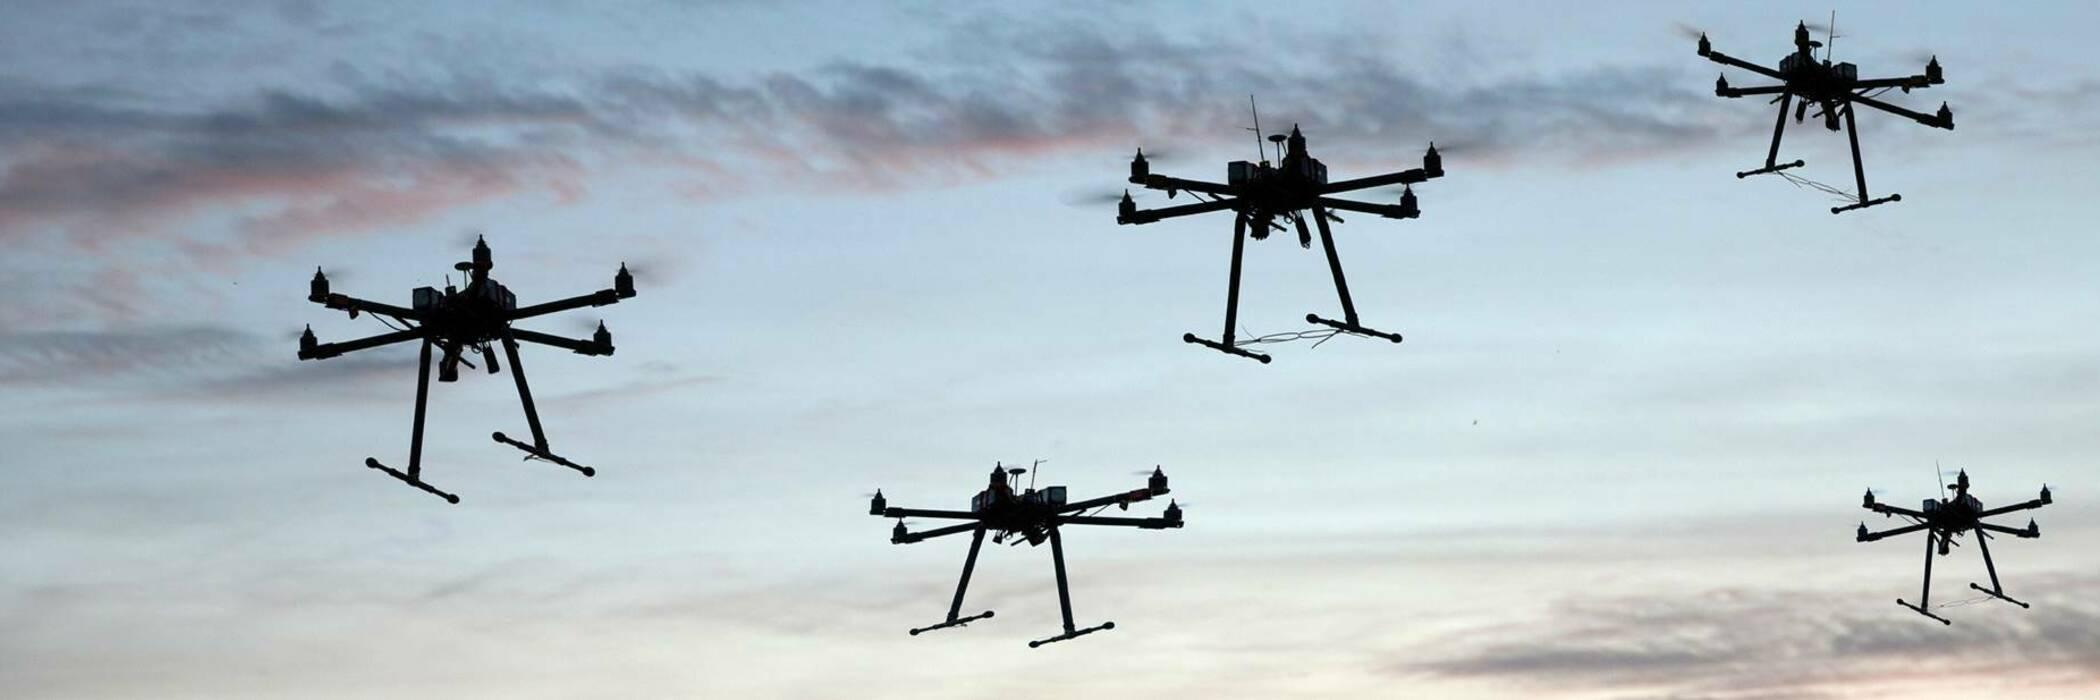 Drones hero